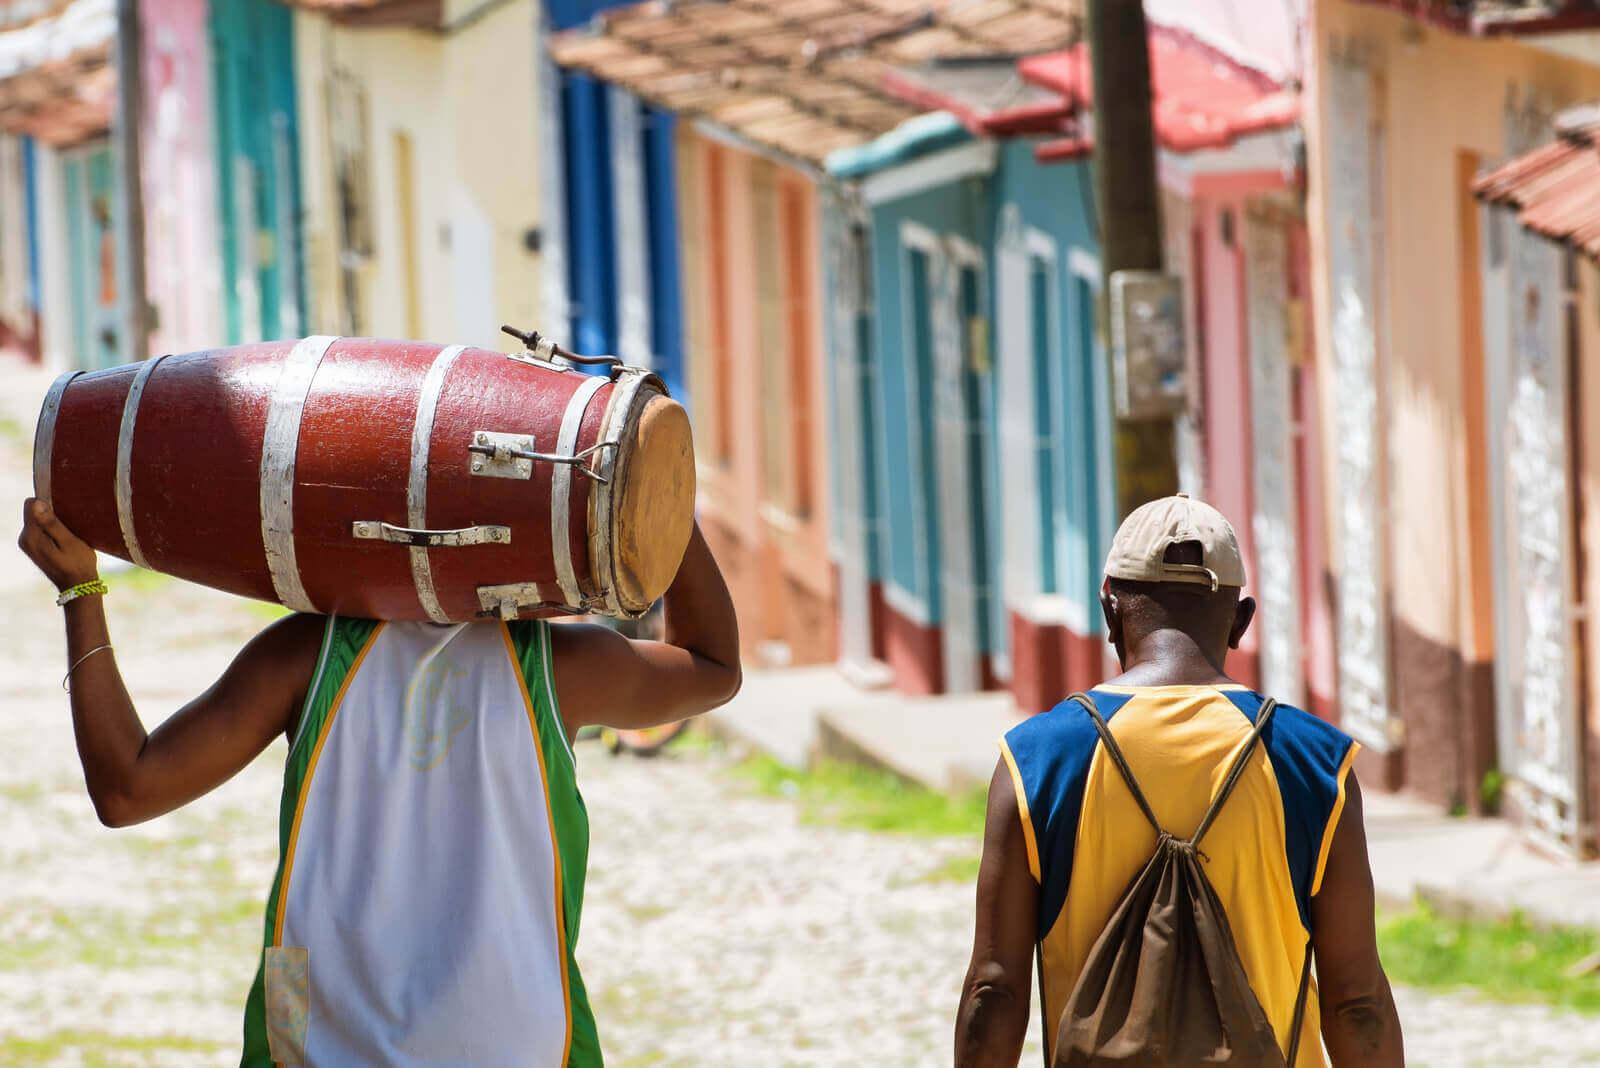 Muziek is overal in Cuba